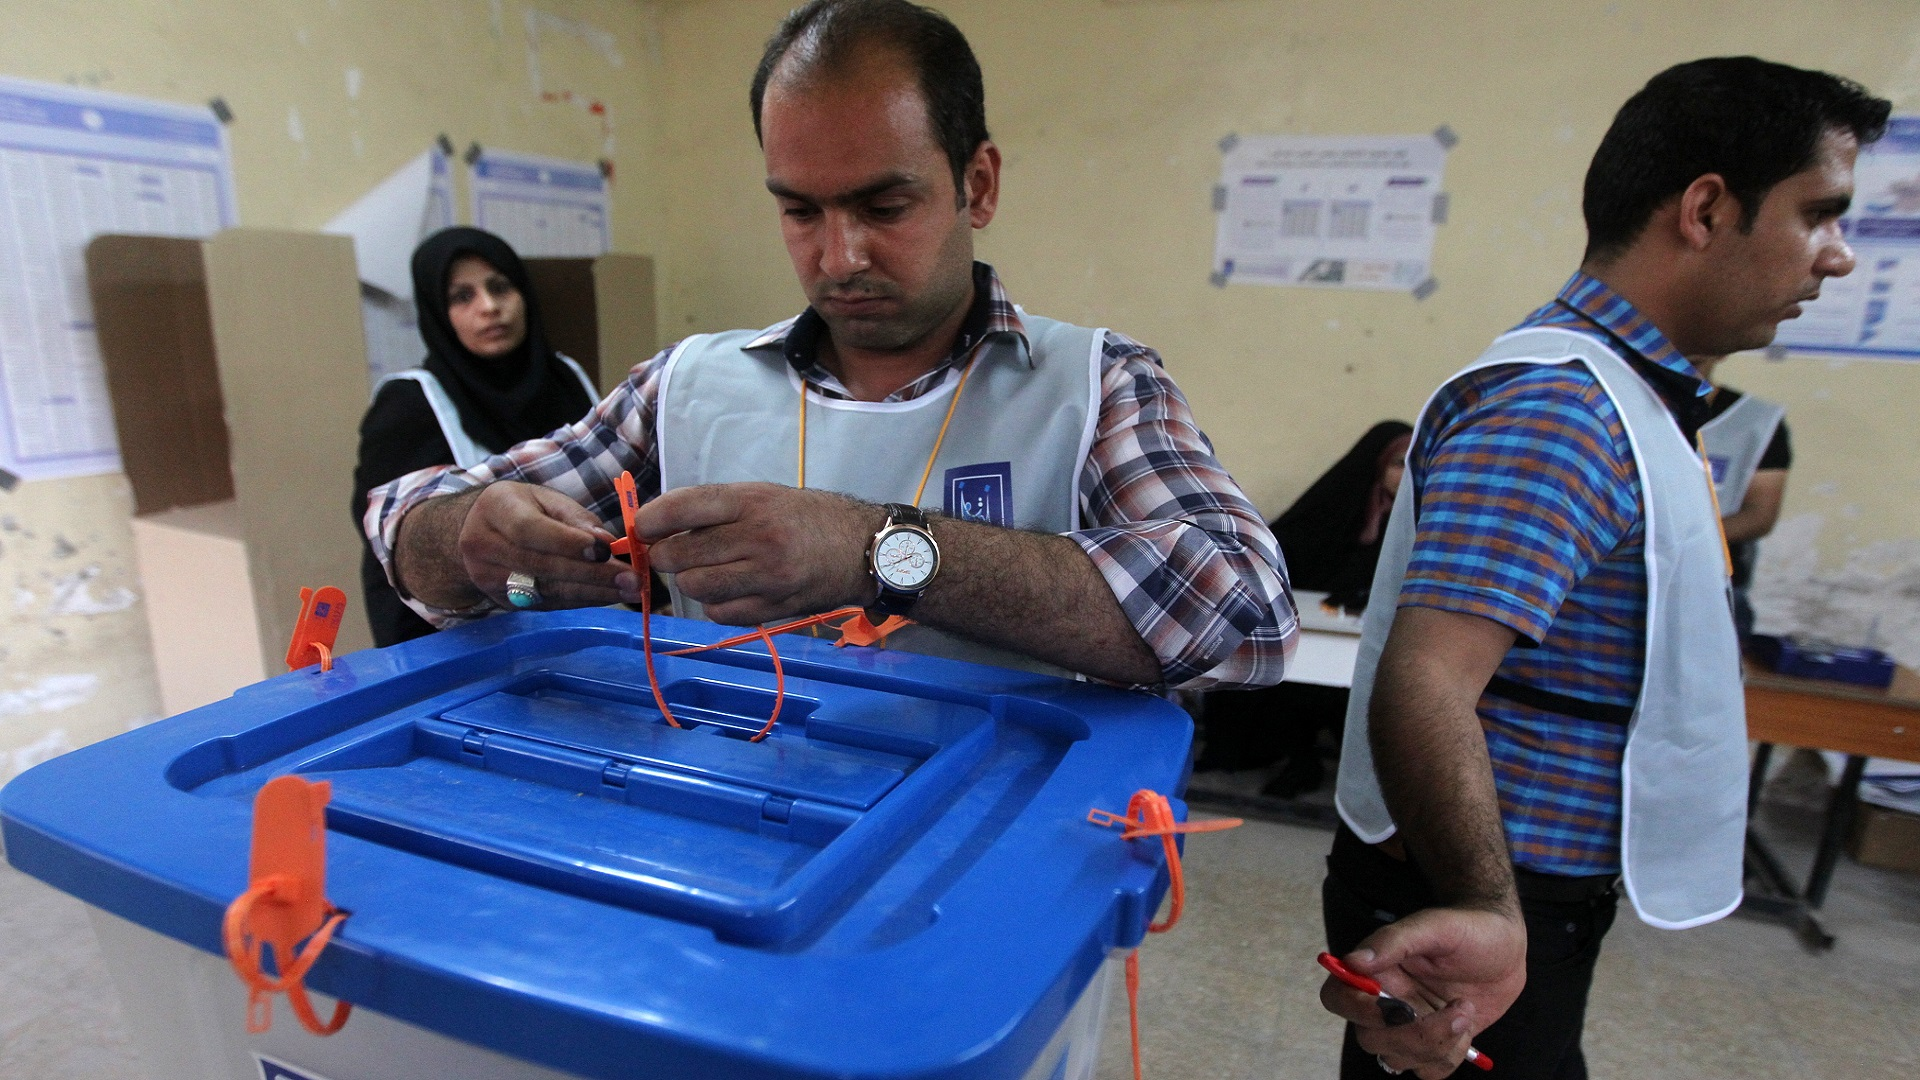 الأحزاب العراقية تبدأ بتشكيل تحالفاتها ..  وخلاف بشأن موعد الانتخابات